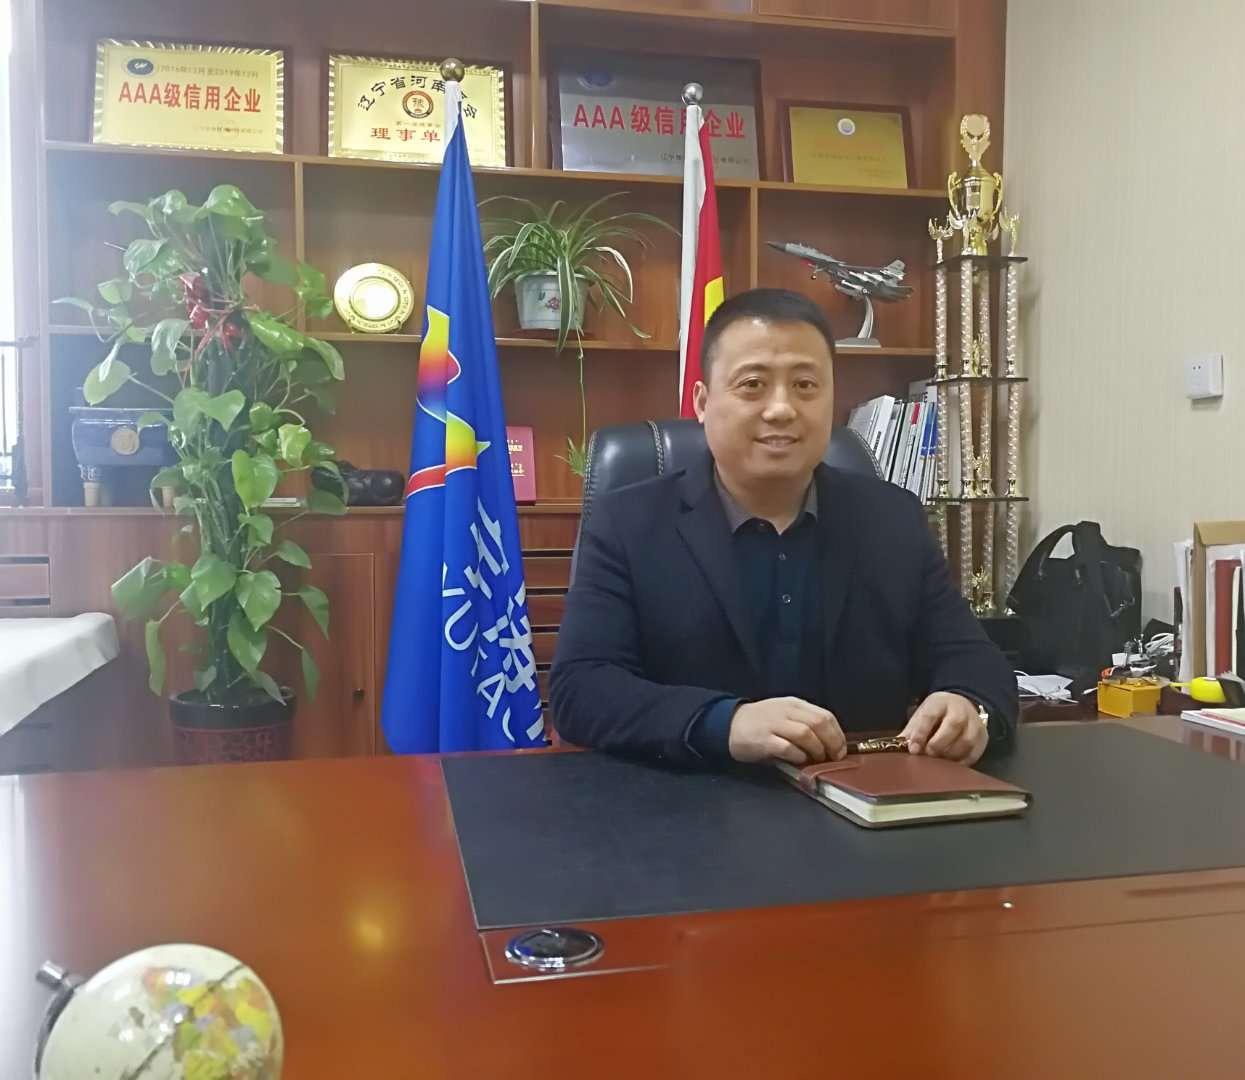 副会长:杨玉涛  公司:沈阳宇涛标识工程有限公司